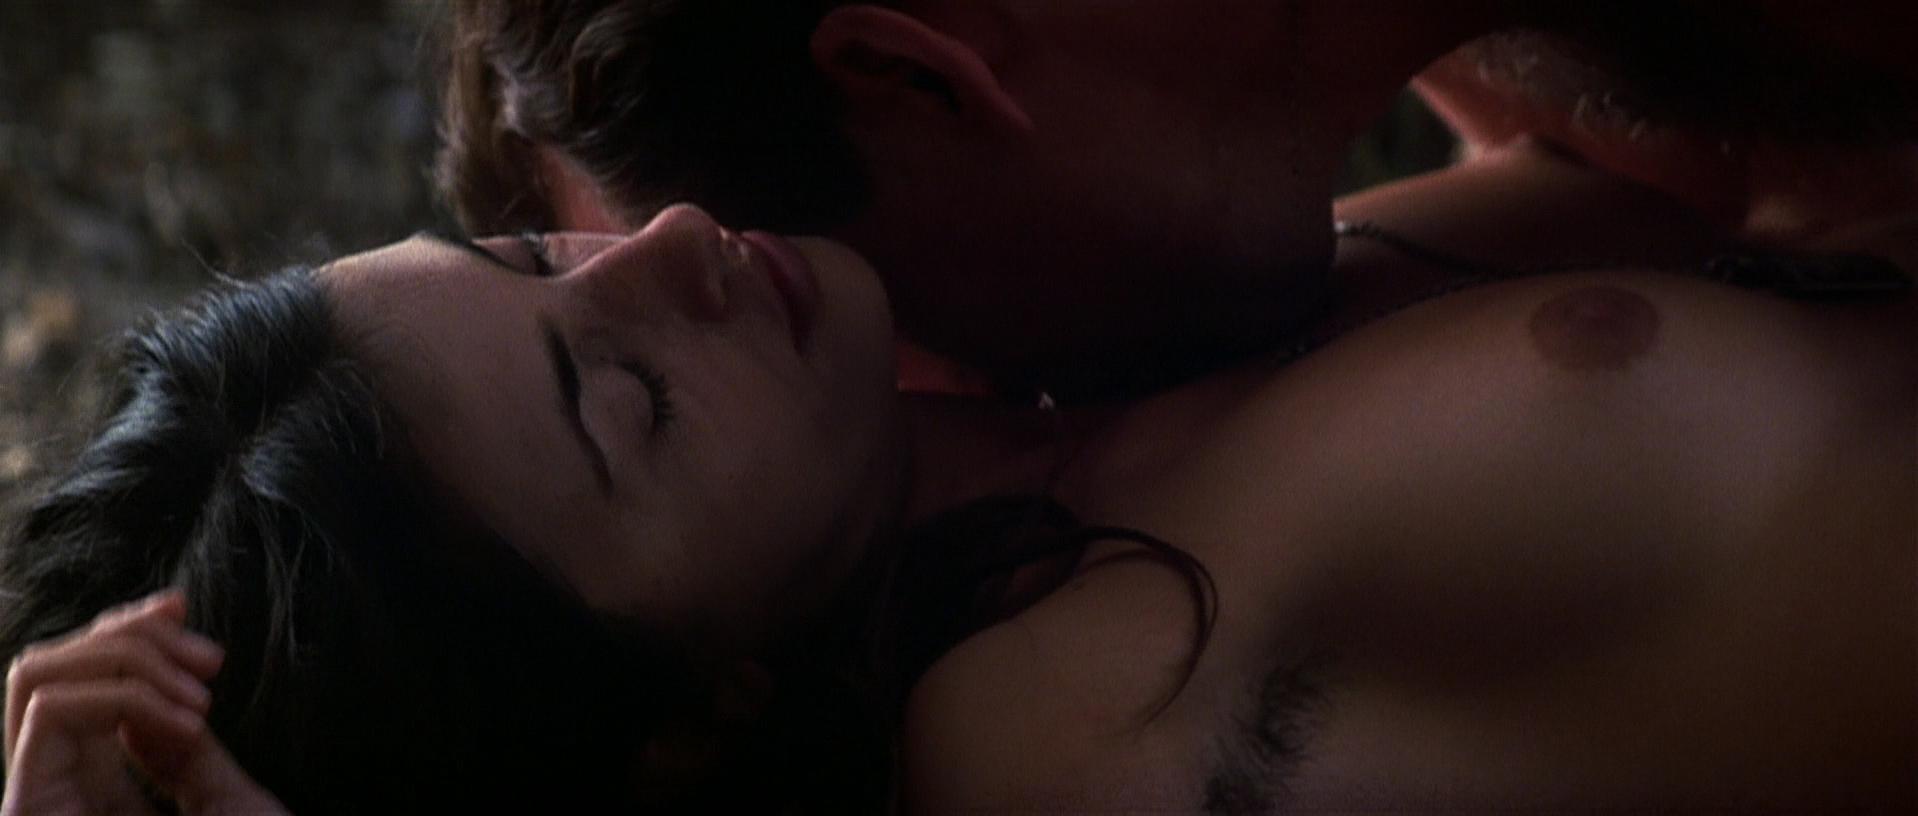 Penelope Cruz nude - Captain Corelli's Mandolin (2001)